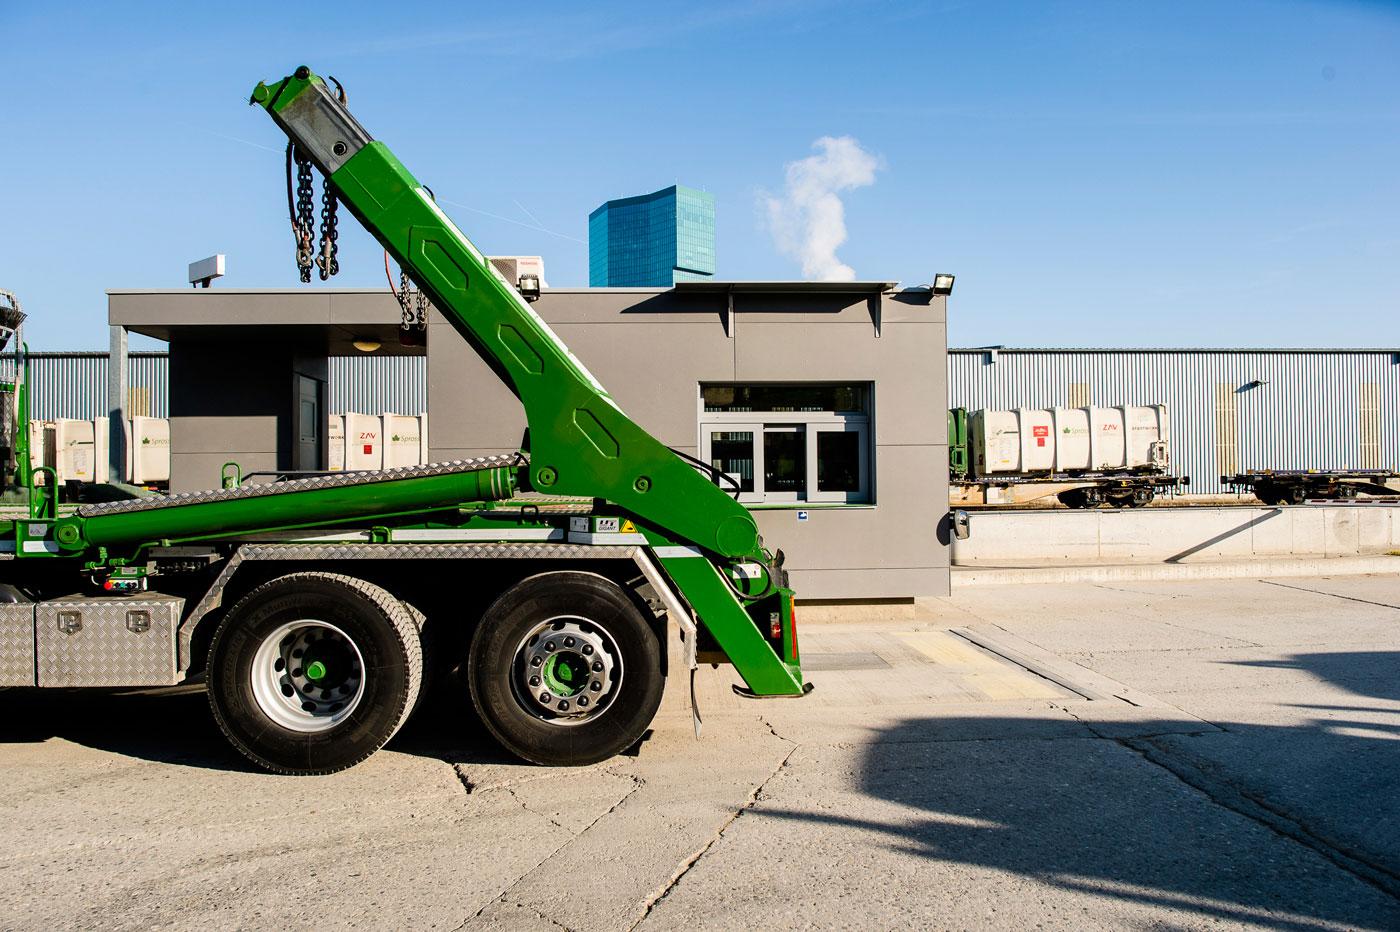 Ladefläche von grünem Lastwagen mit UT-Absetzkipper auf Industriegelände.